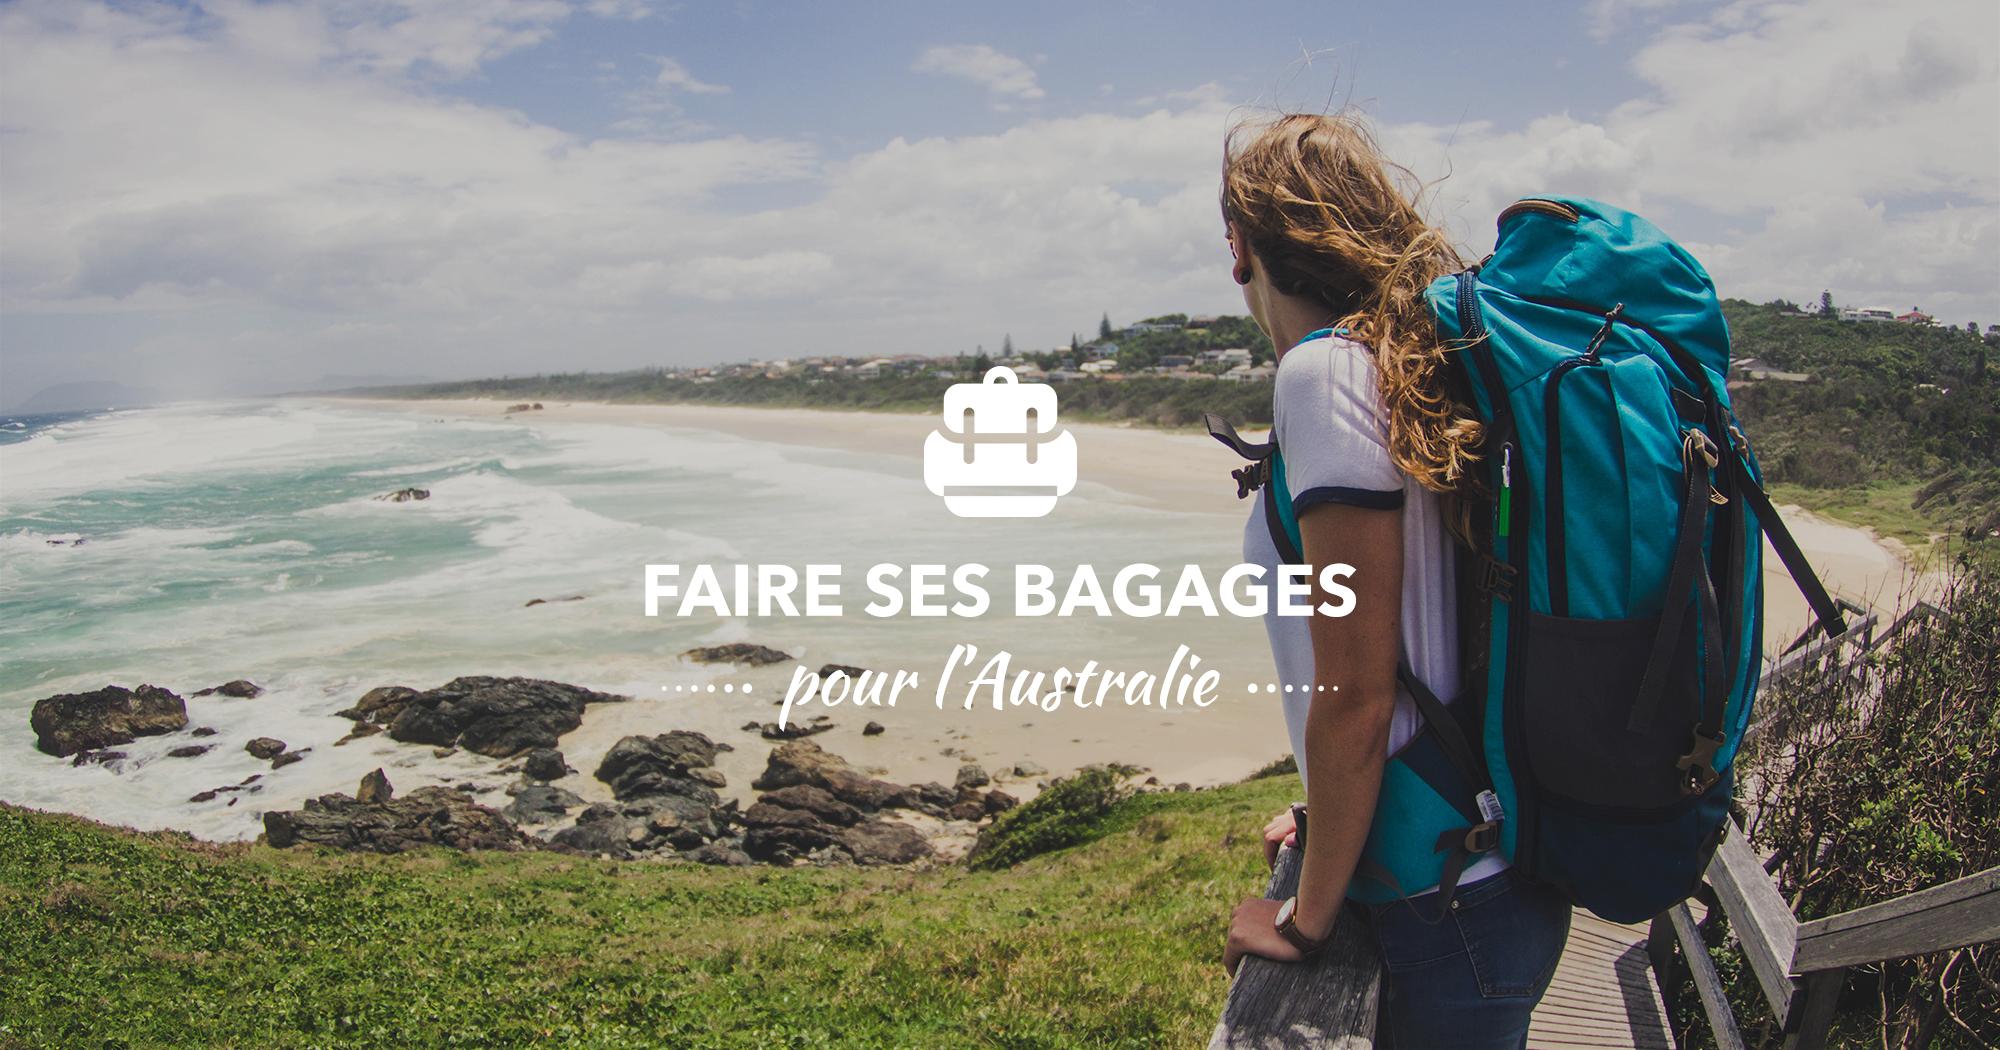 visuels-dossiers-whv-australie-faire-ses-bagages